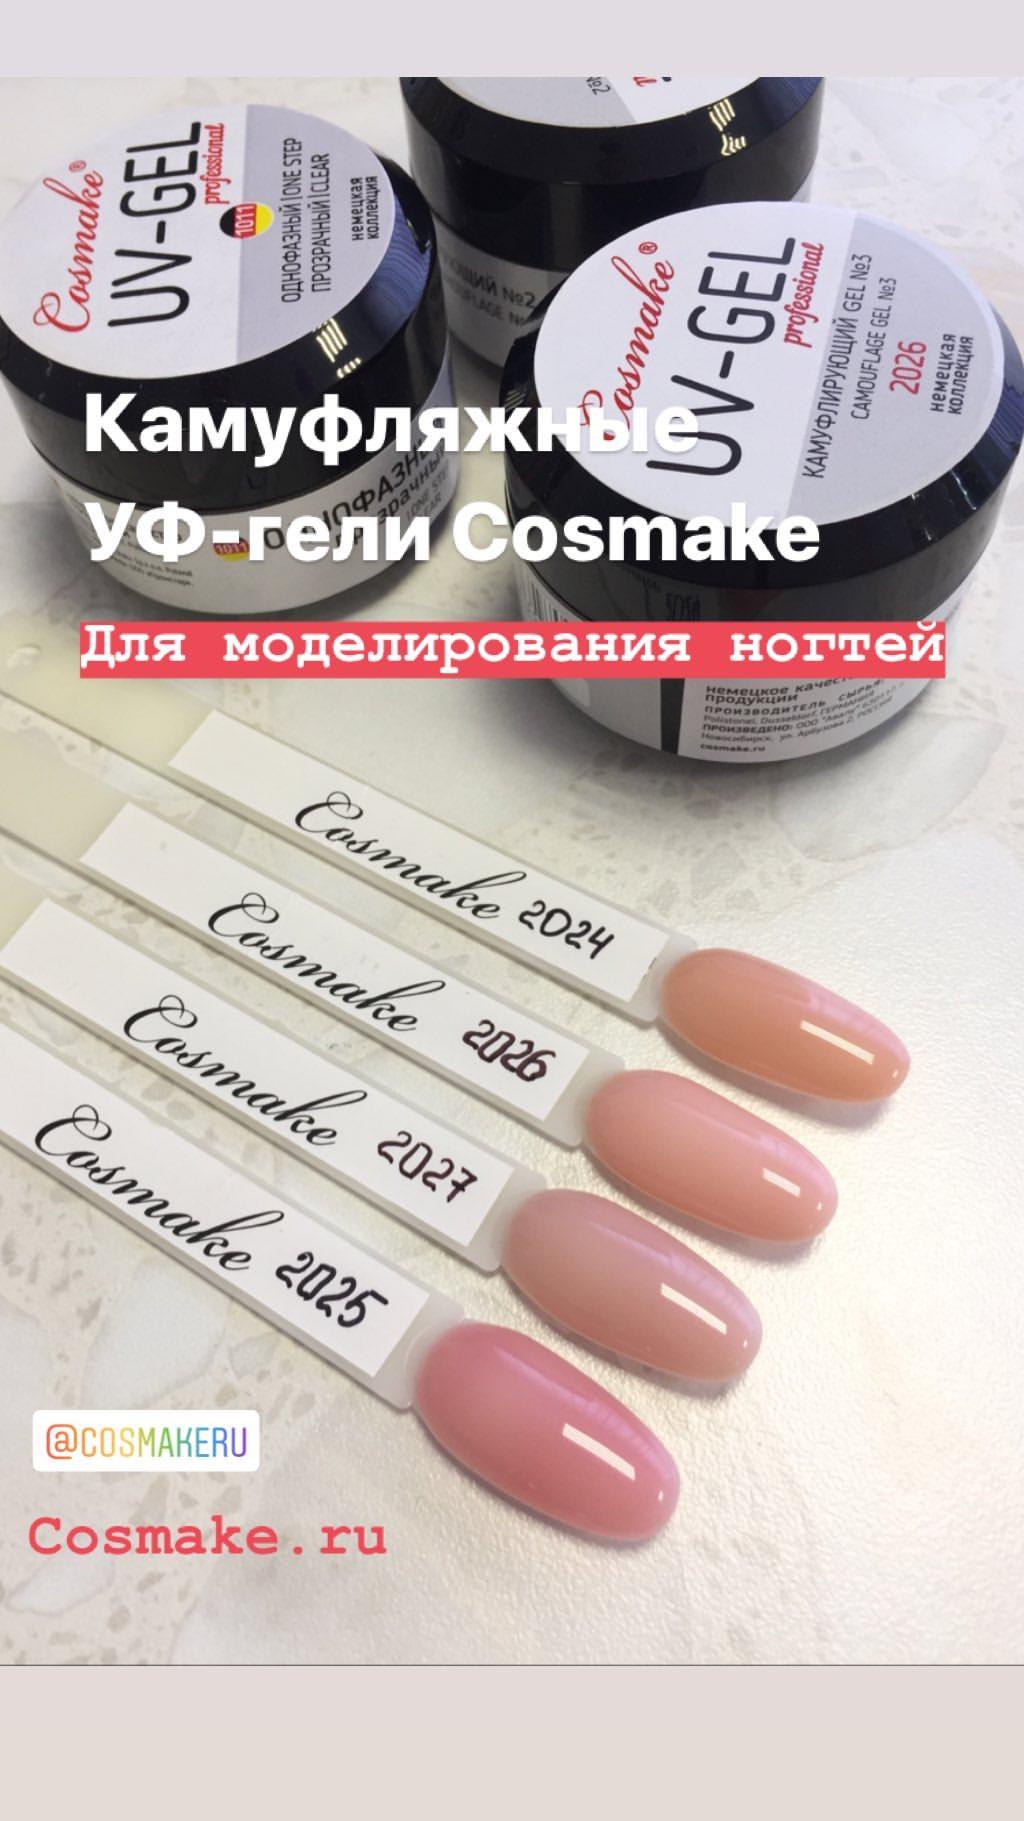 2024 Гель УФ камуфляж 1 персиковый Cosmake Premium 15гр. Germany